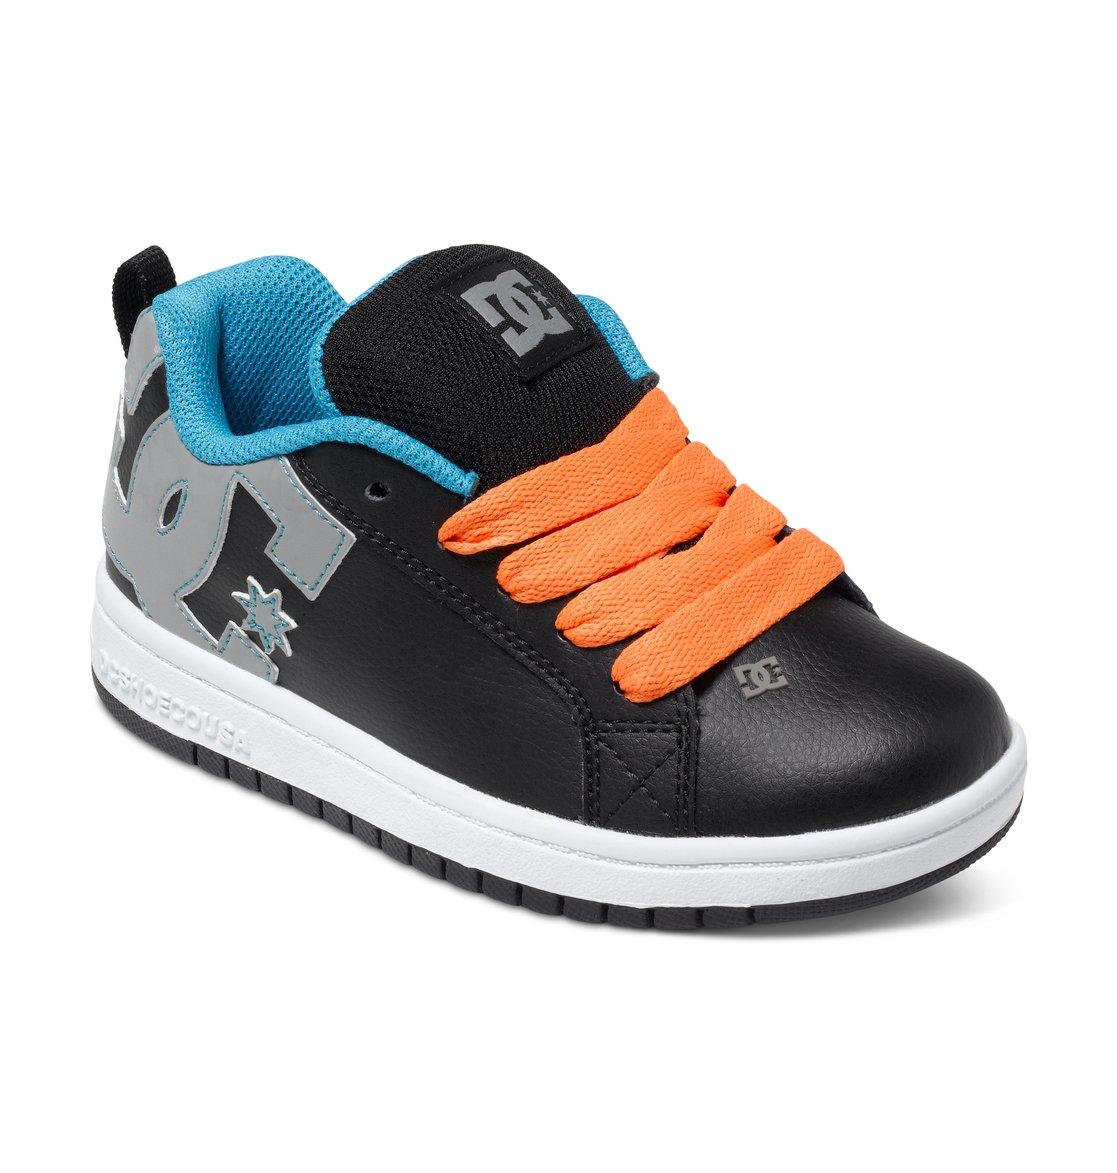 Womens Dc Versatile Shoes